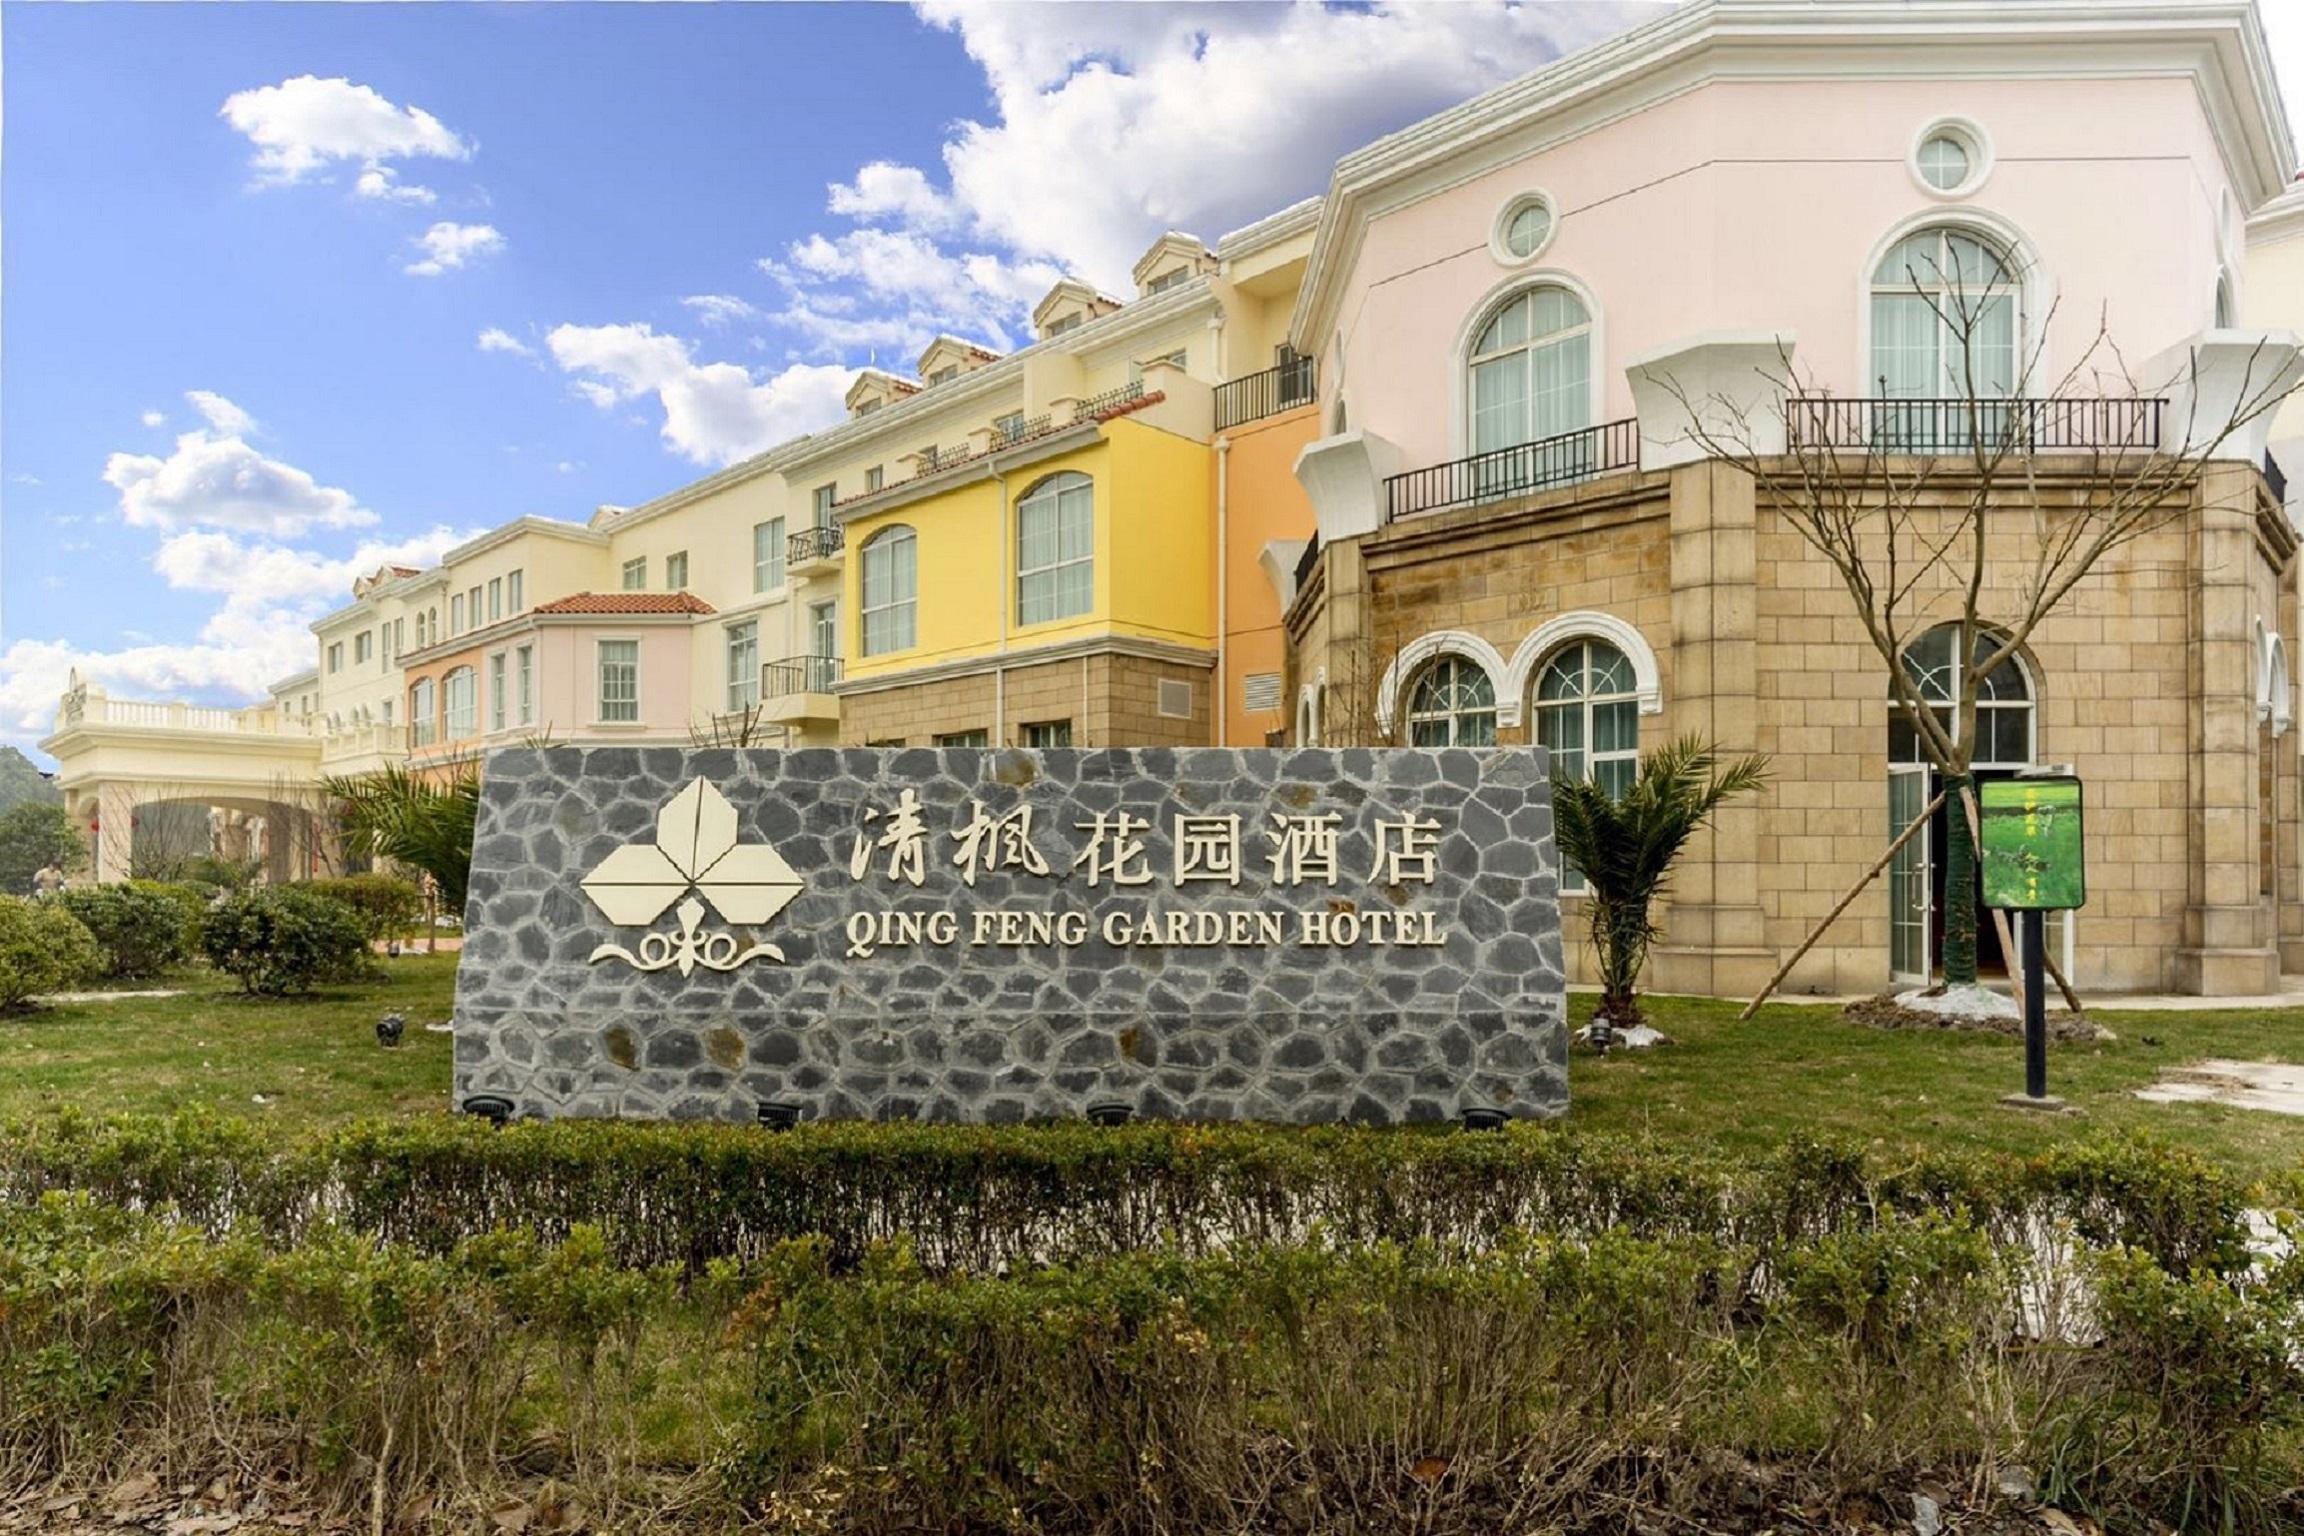 上海清枫花园酒店